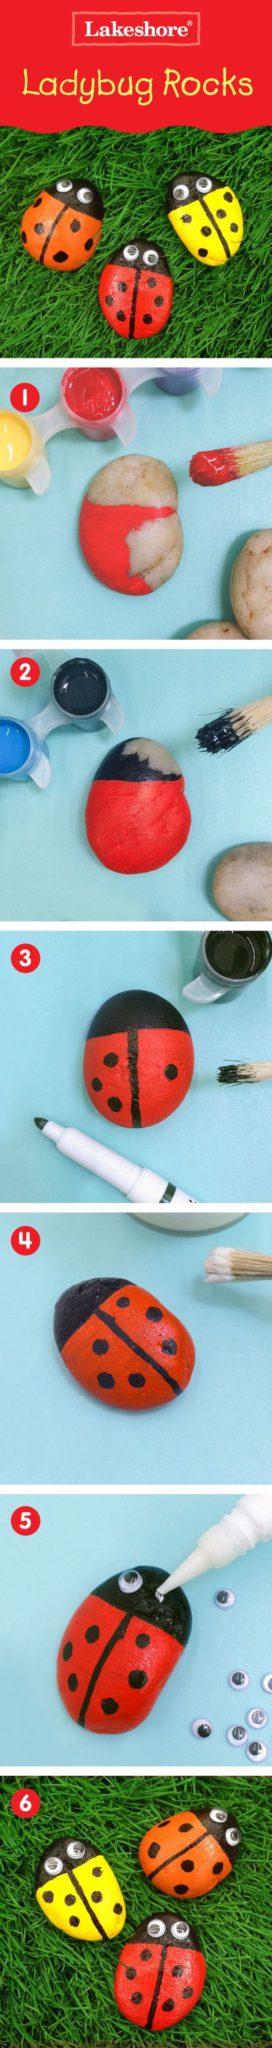 pebble painting ideas17